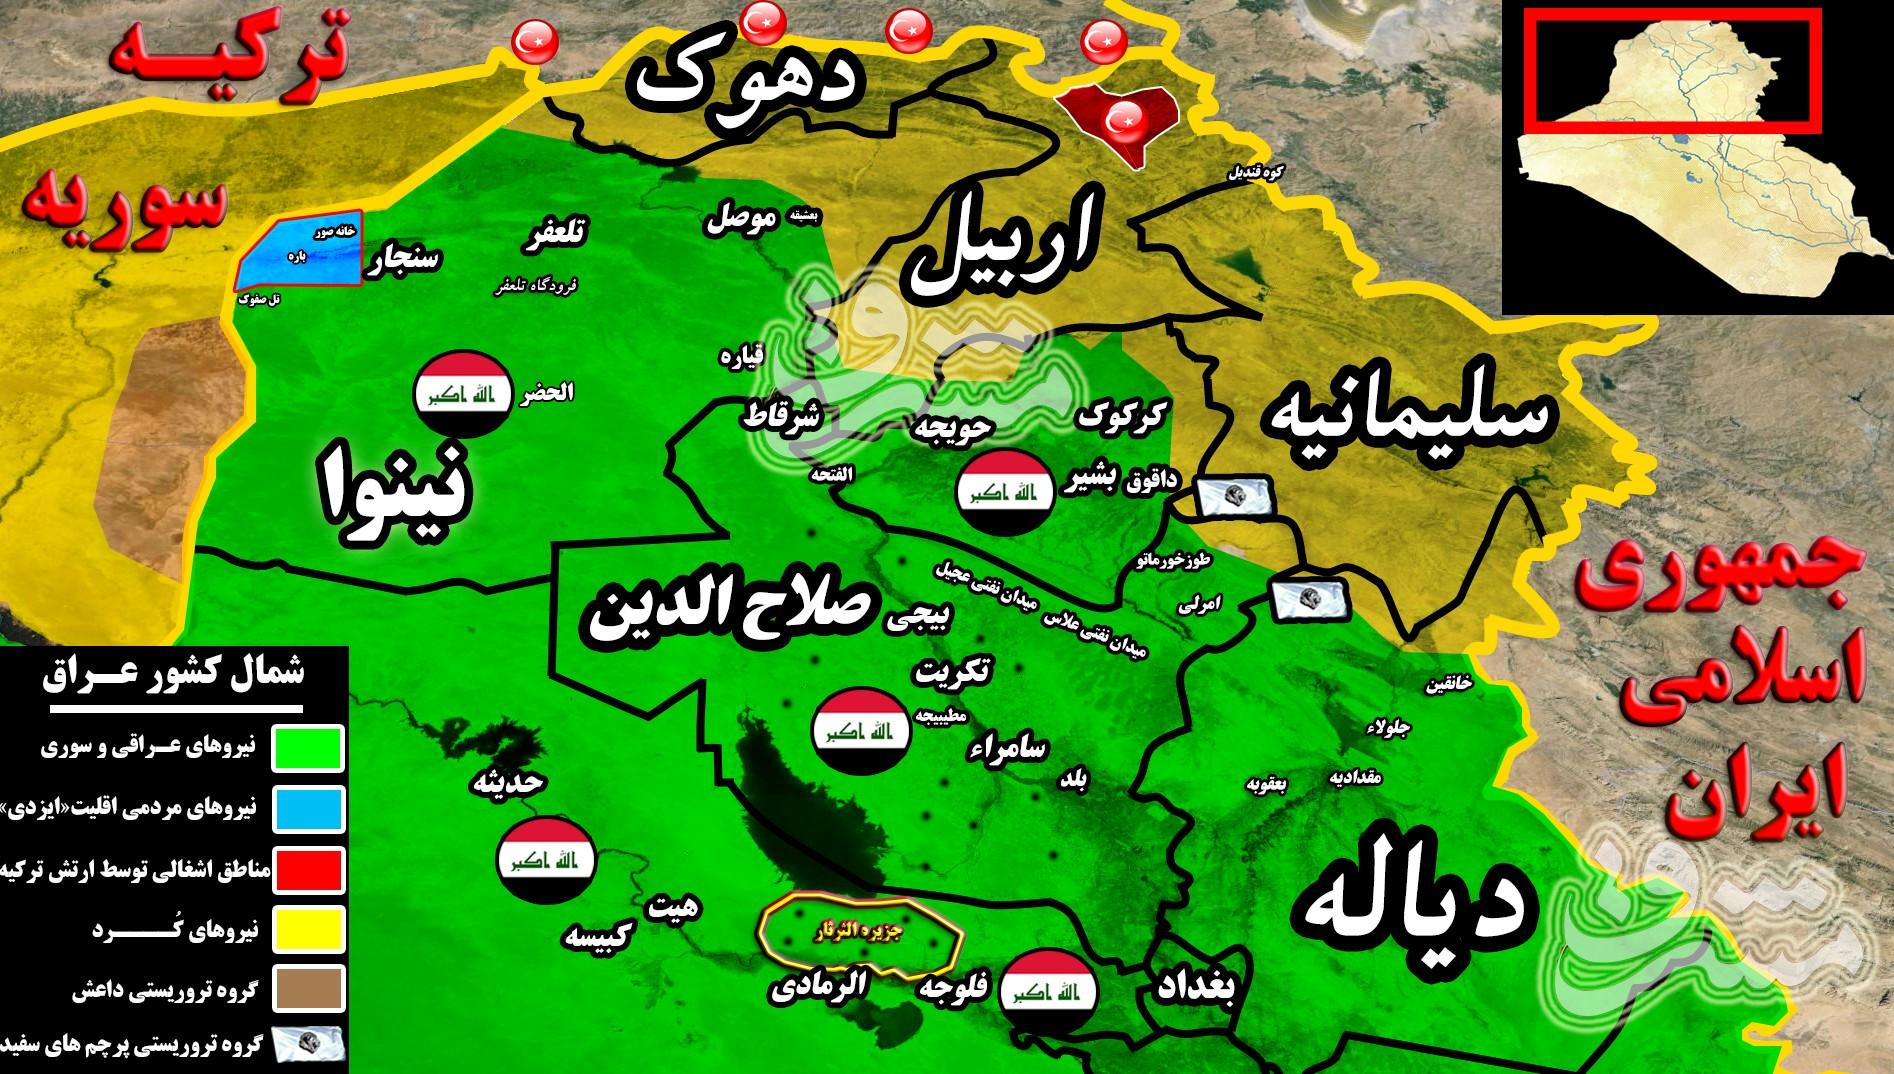 تلاش هستههای خاموش داعش برای نفوذ به سامراء ناکام ماند+ نقشه میدانی و تصاویر